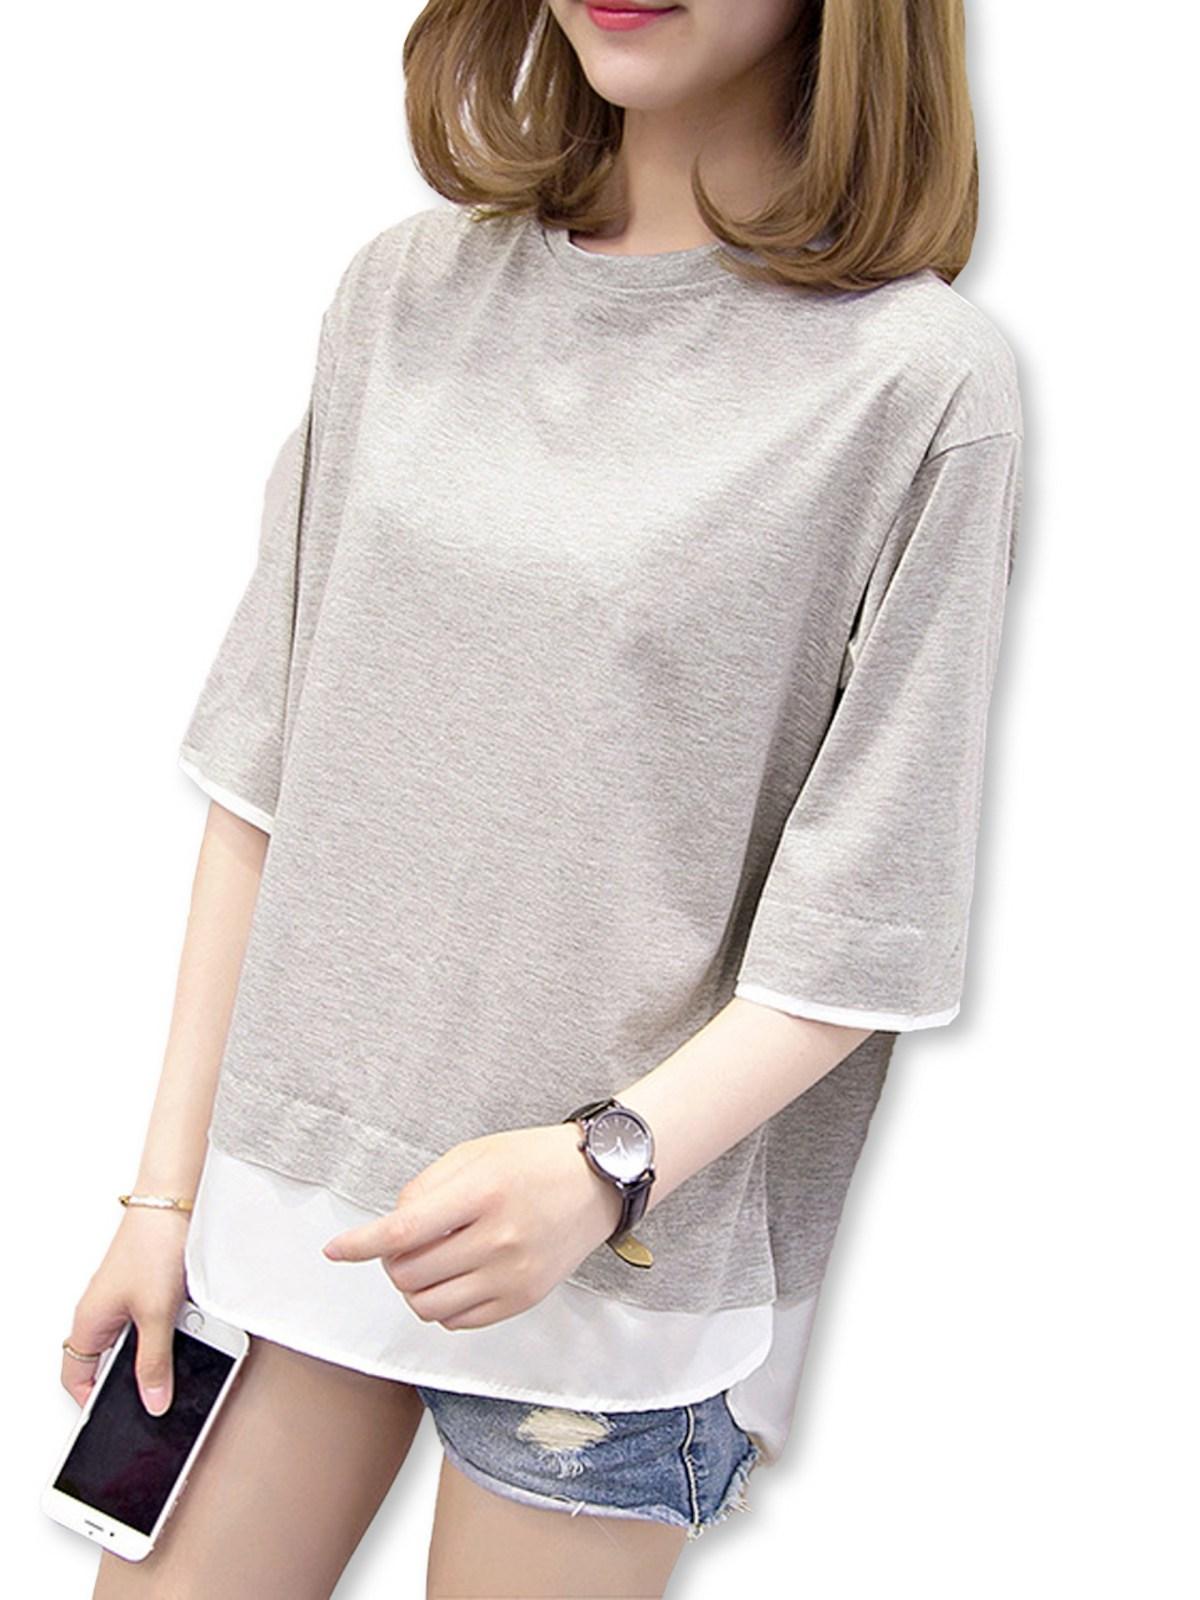 レディース レイヤード & BF スタイル 2カラー Tシャツ・グレー&W・ワンサイズ